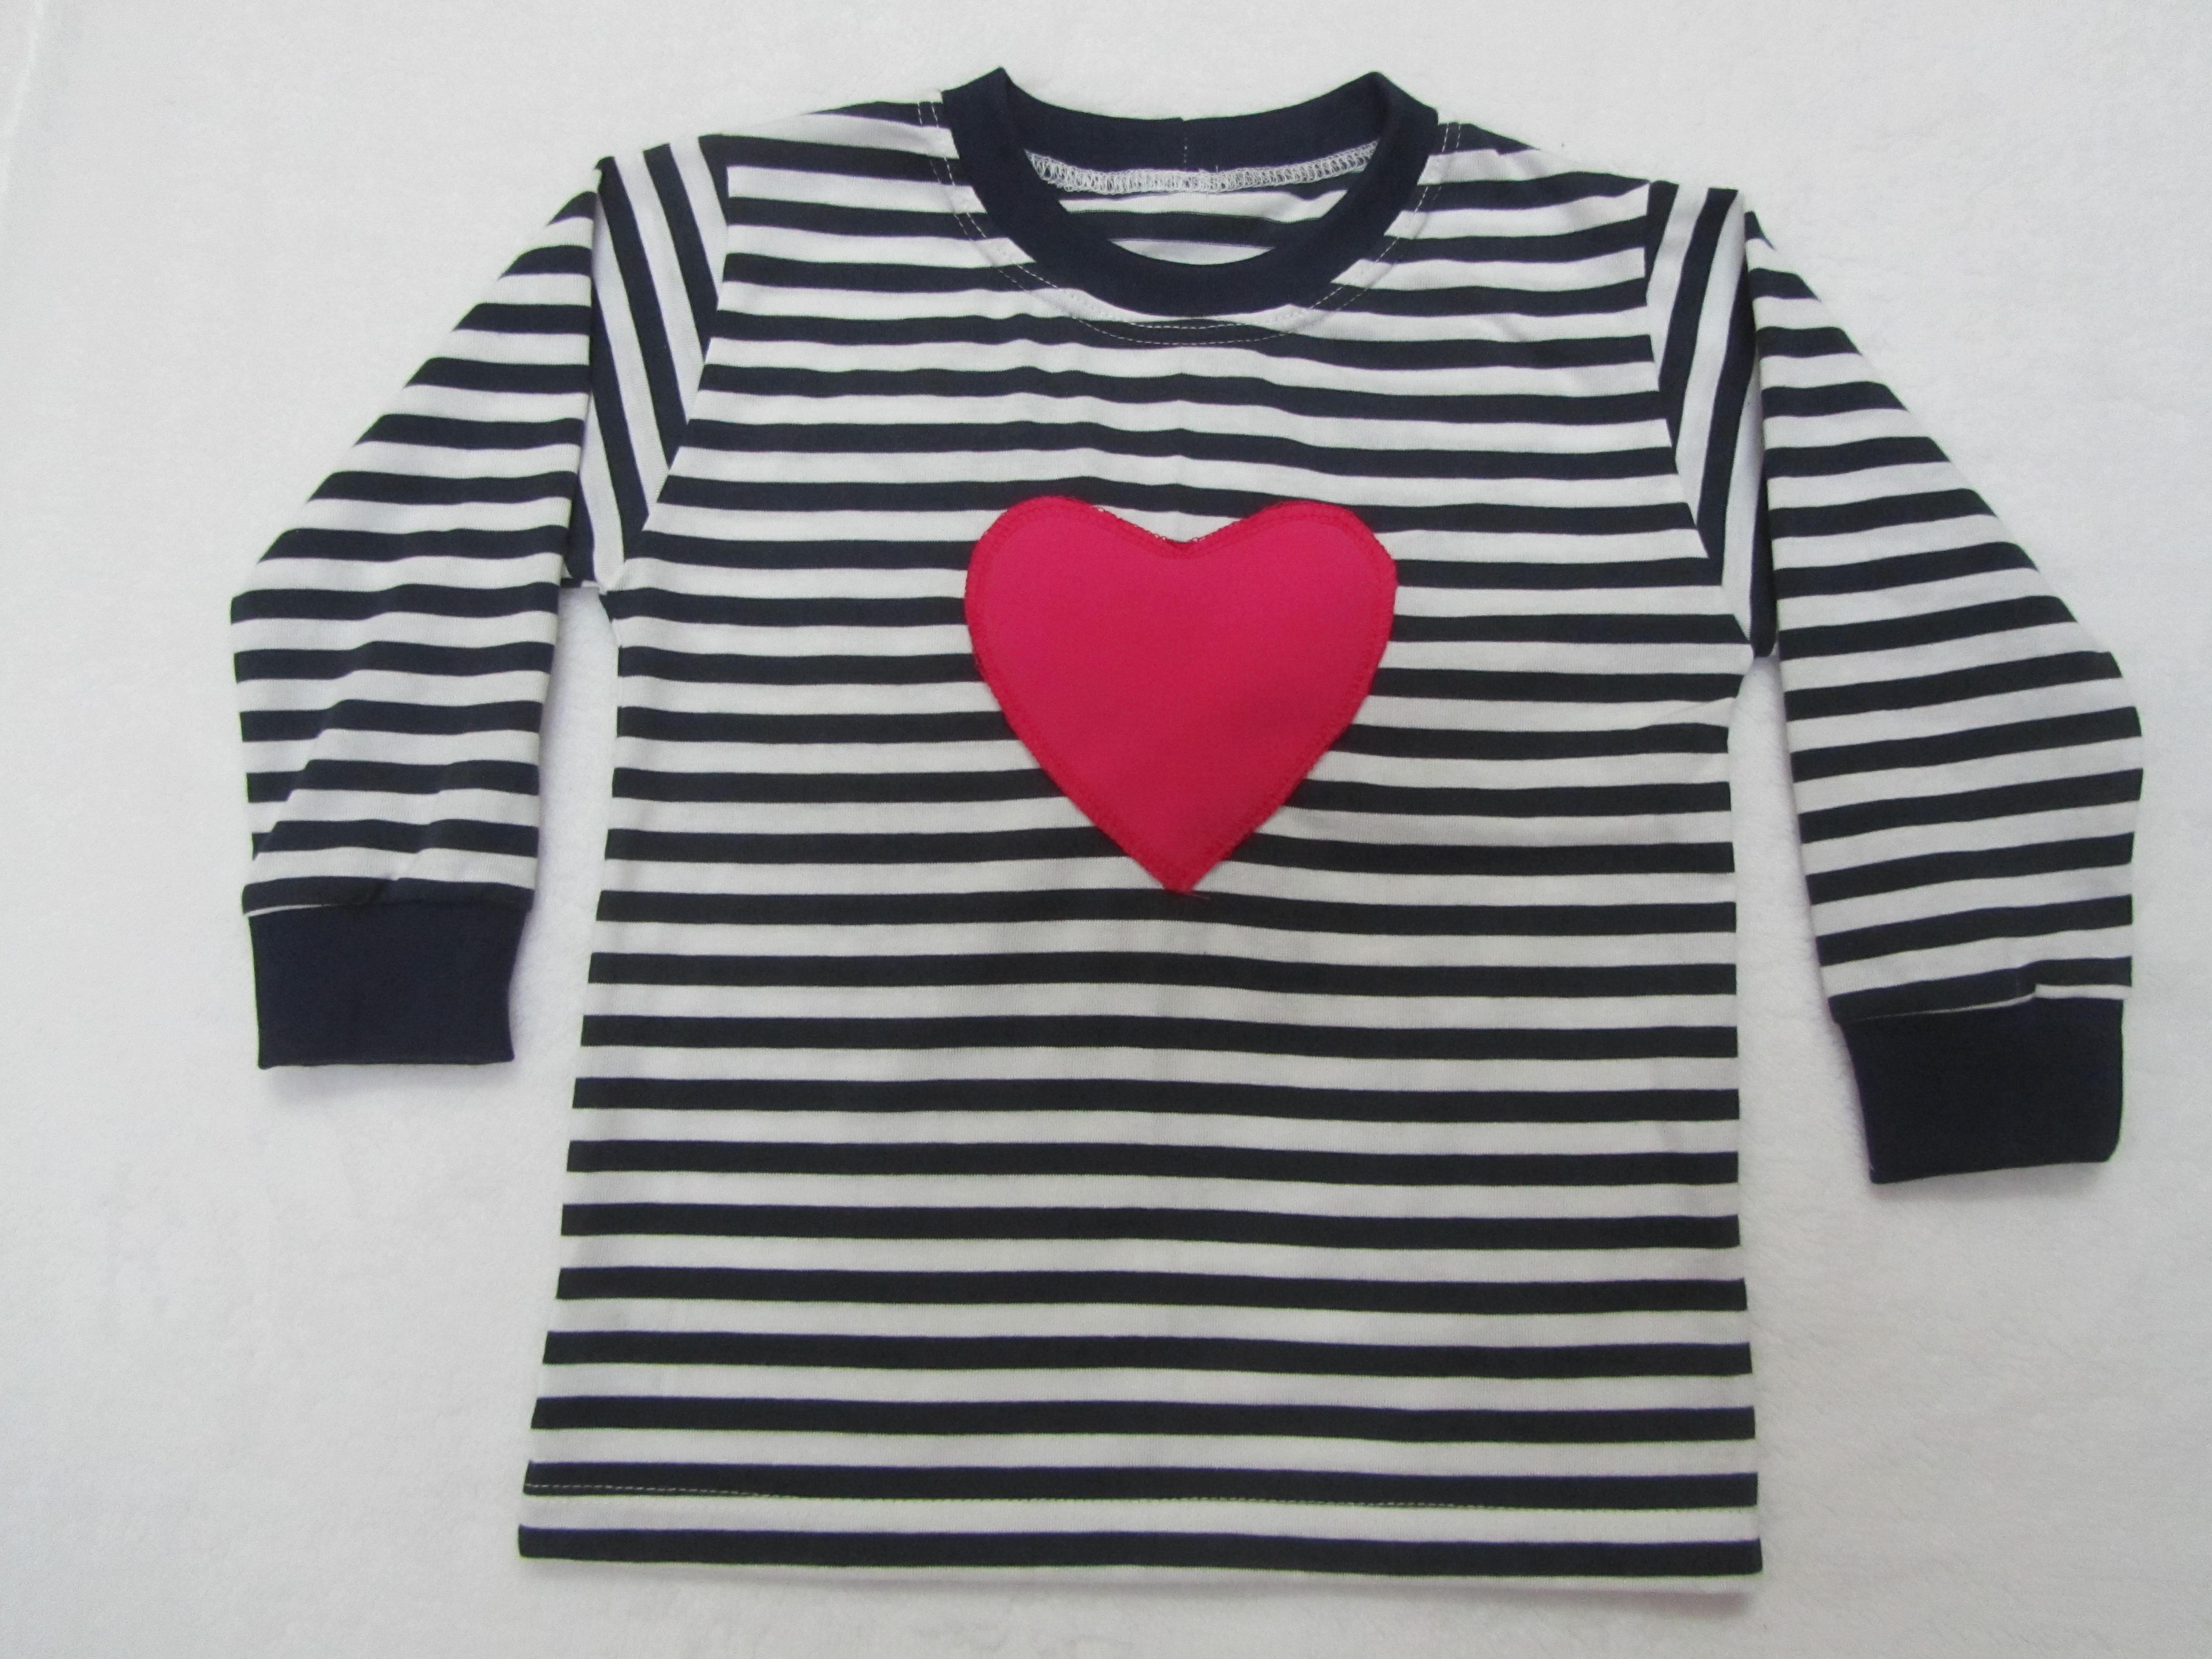 f51b26fda Námornícke tričko s pískacím vzorom dlhý rukáv srdiečko